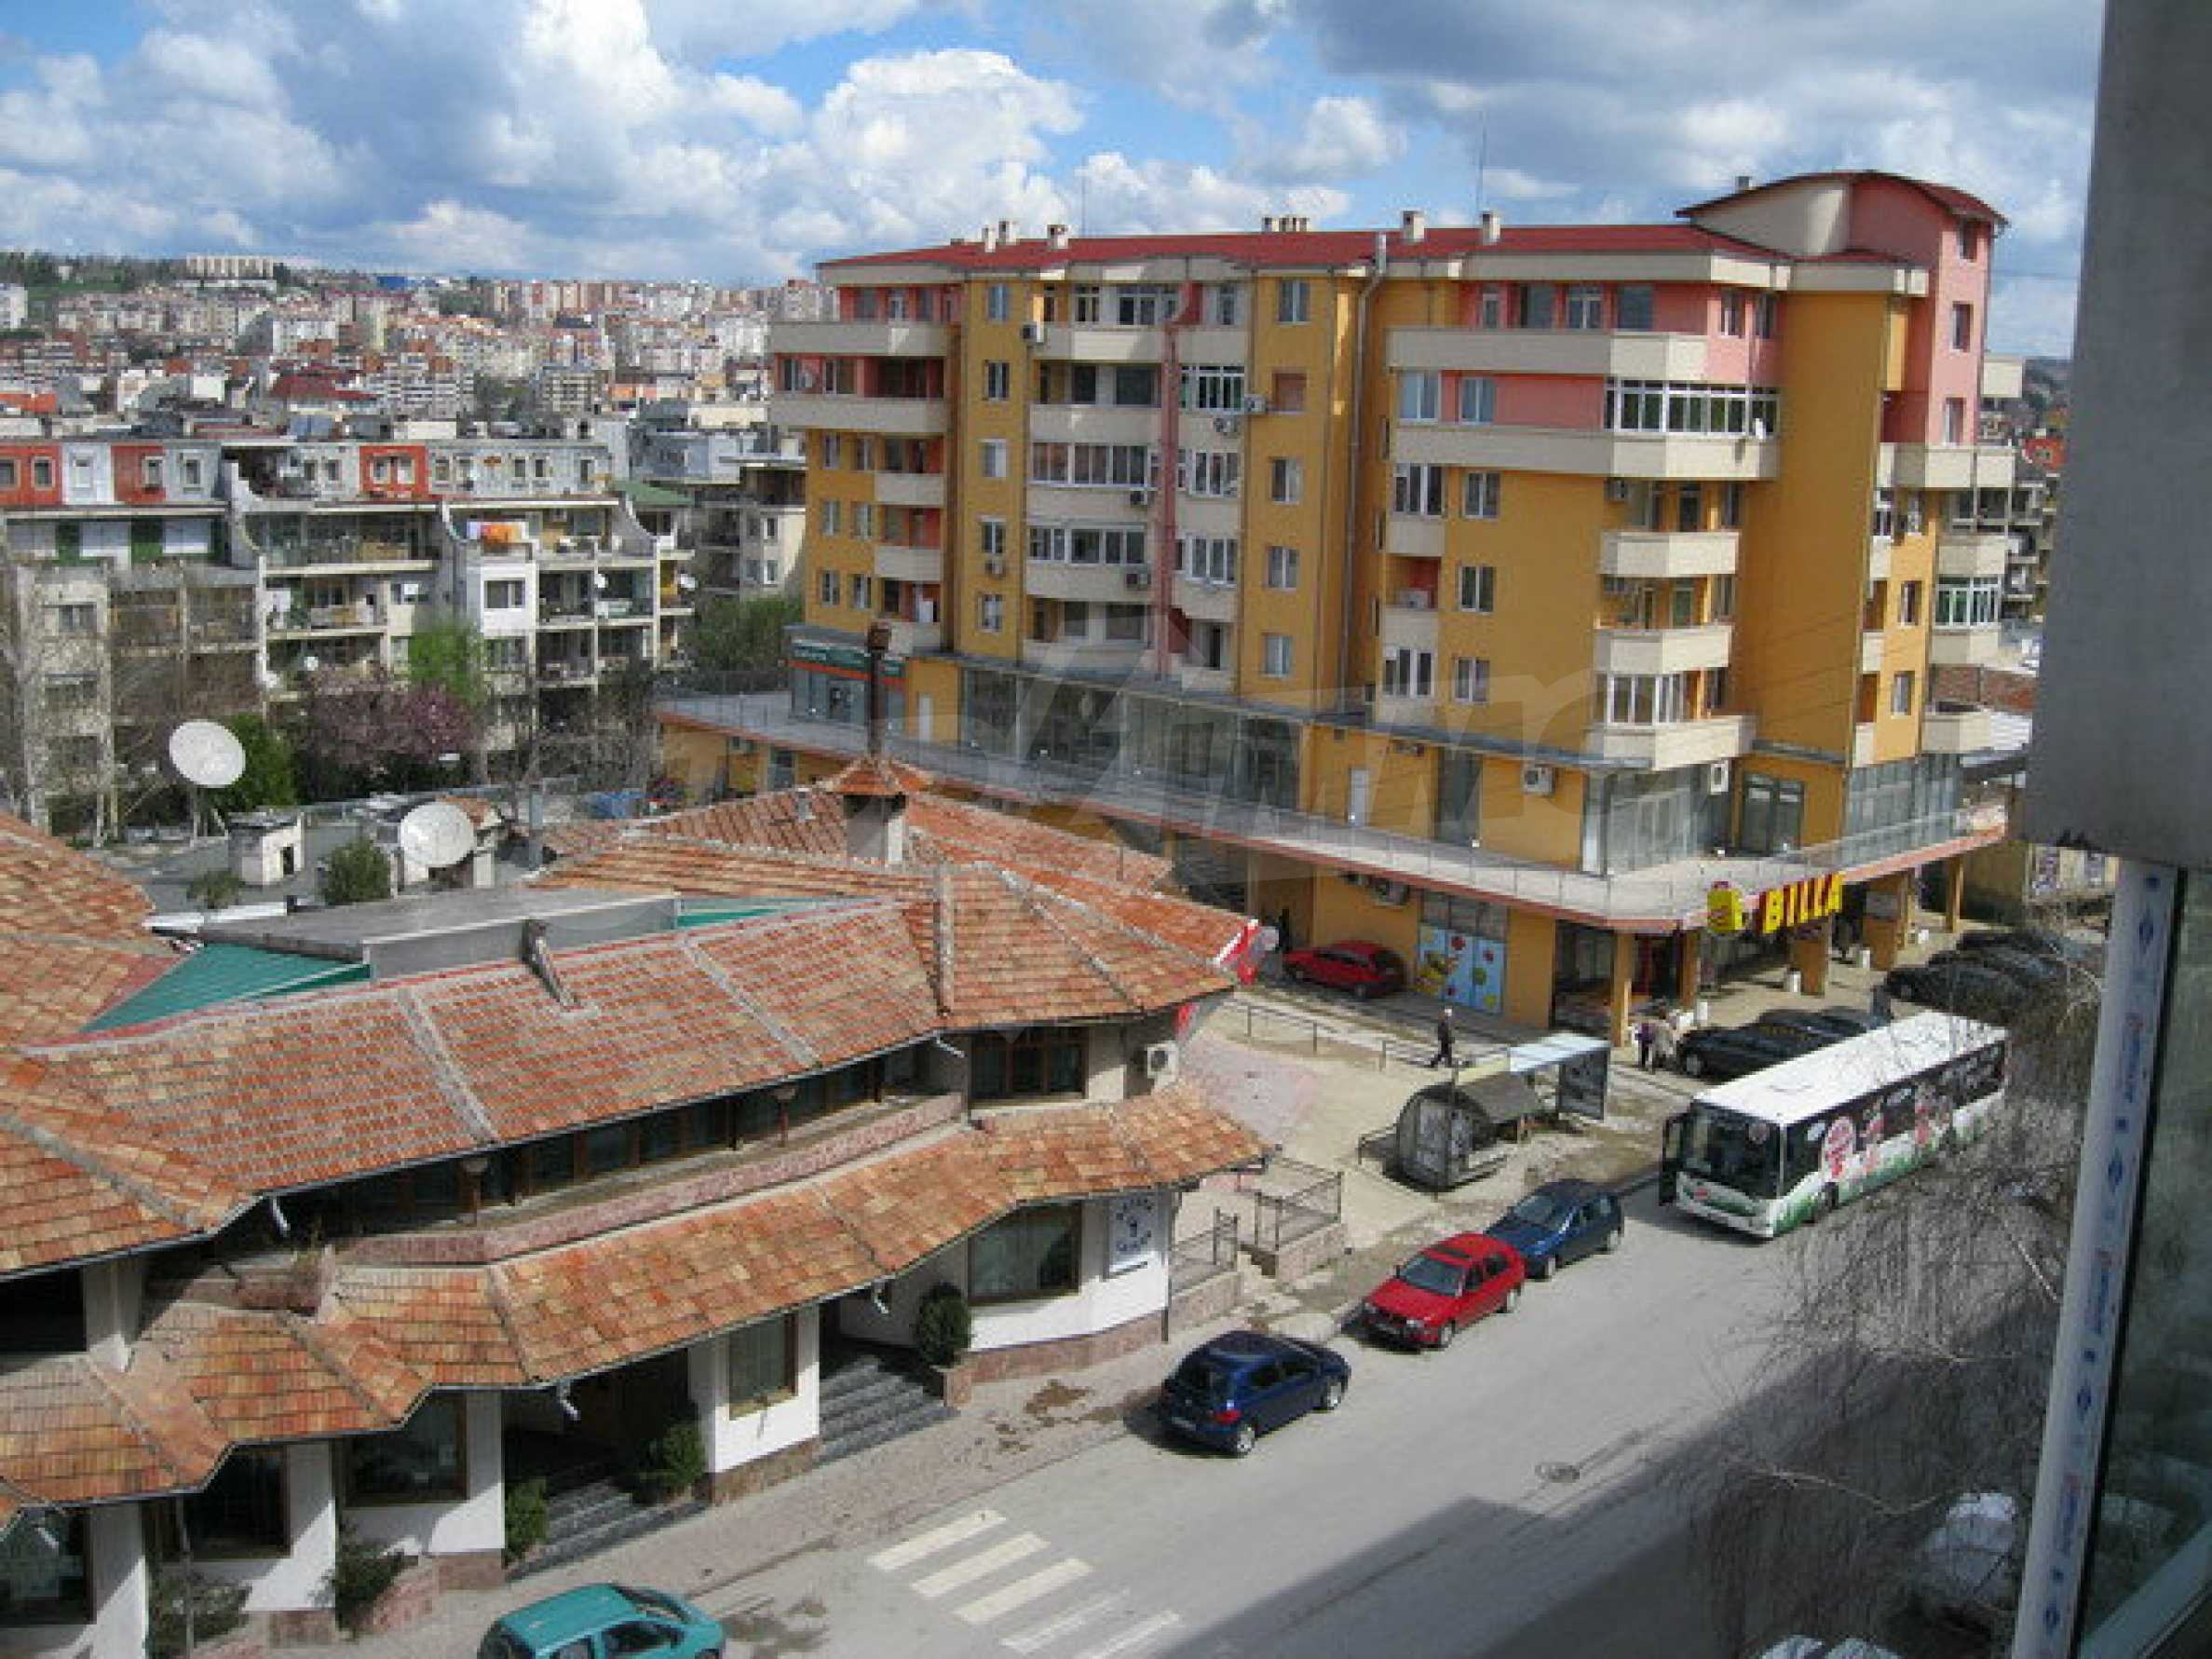 Здание, подходящее для разных видов бизнеса, расположенное в городе Велико Тырново 6